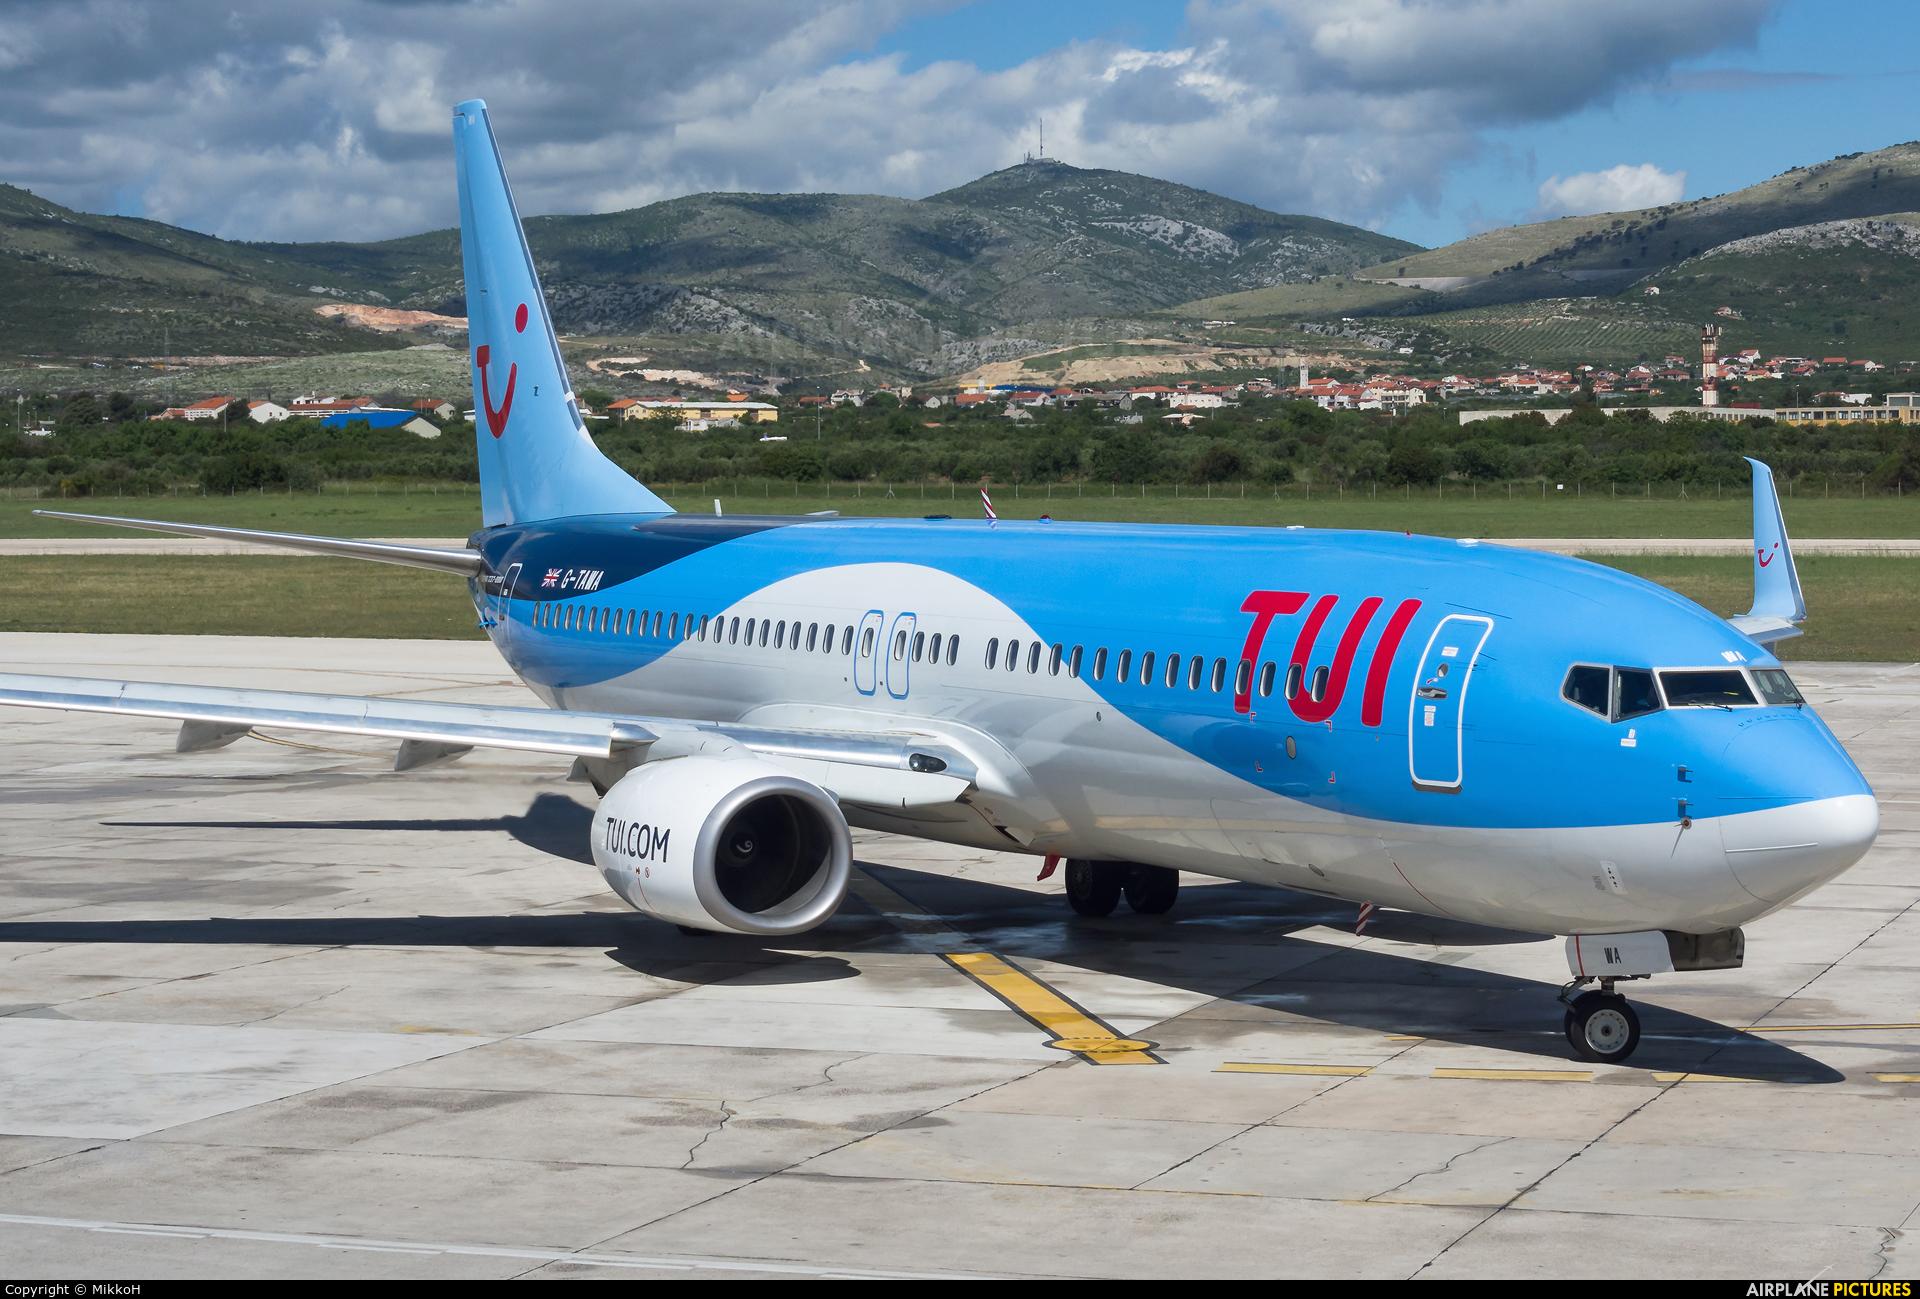 Boeing 737-800 tui